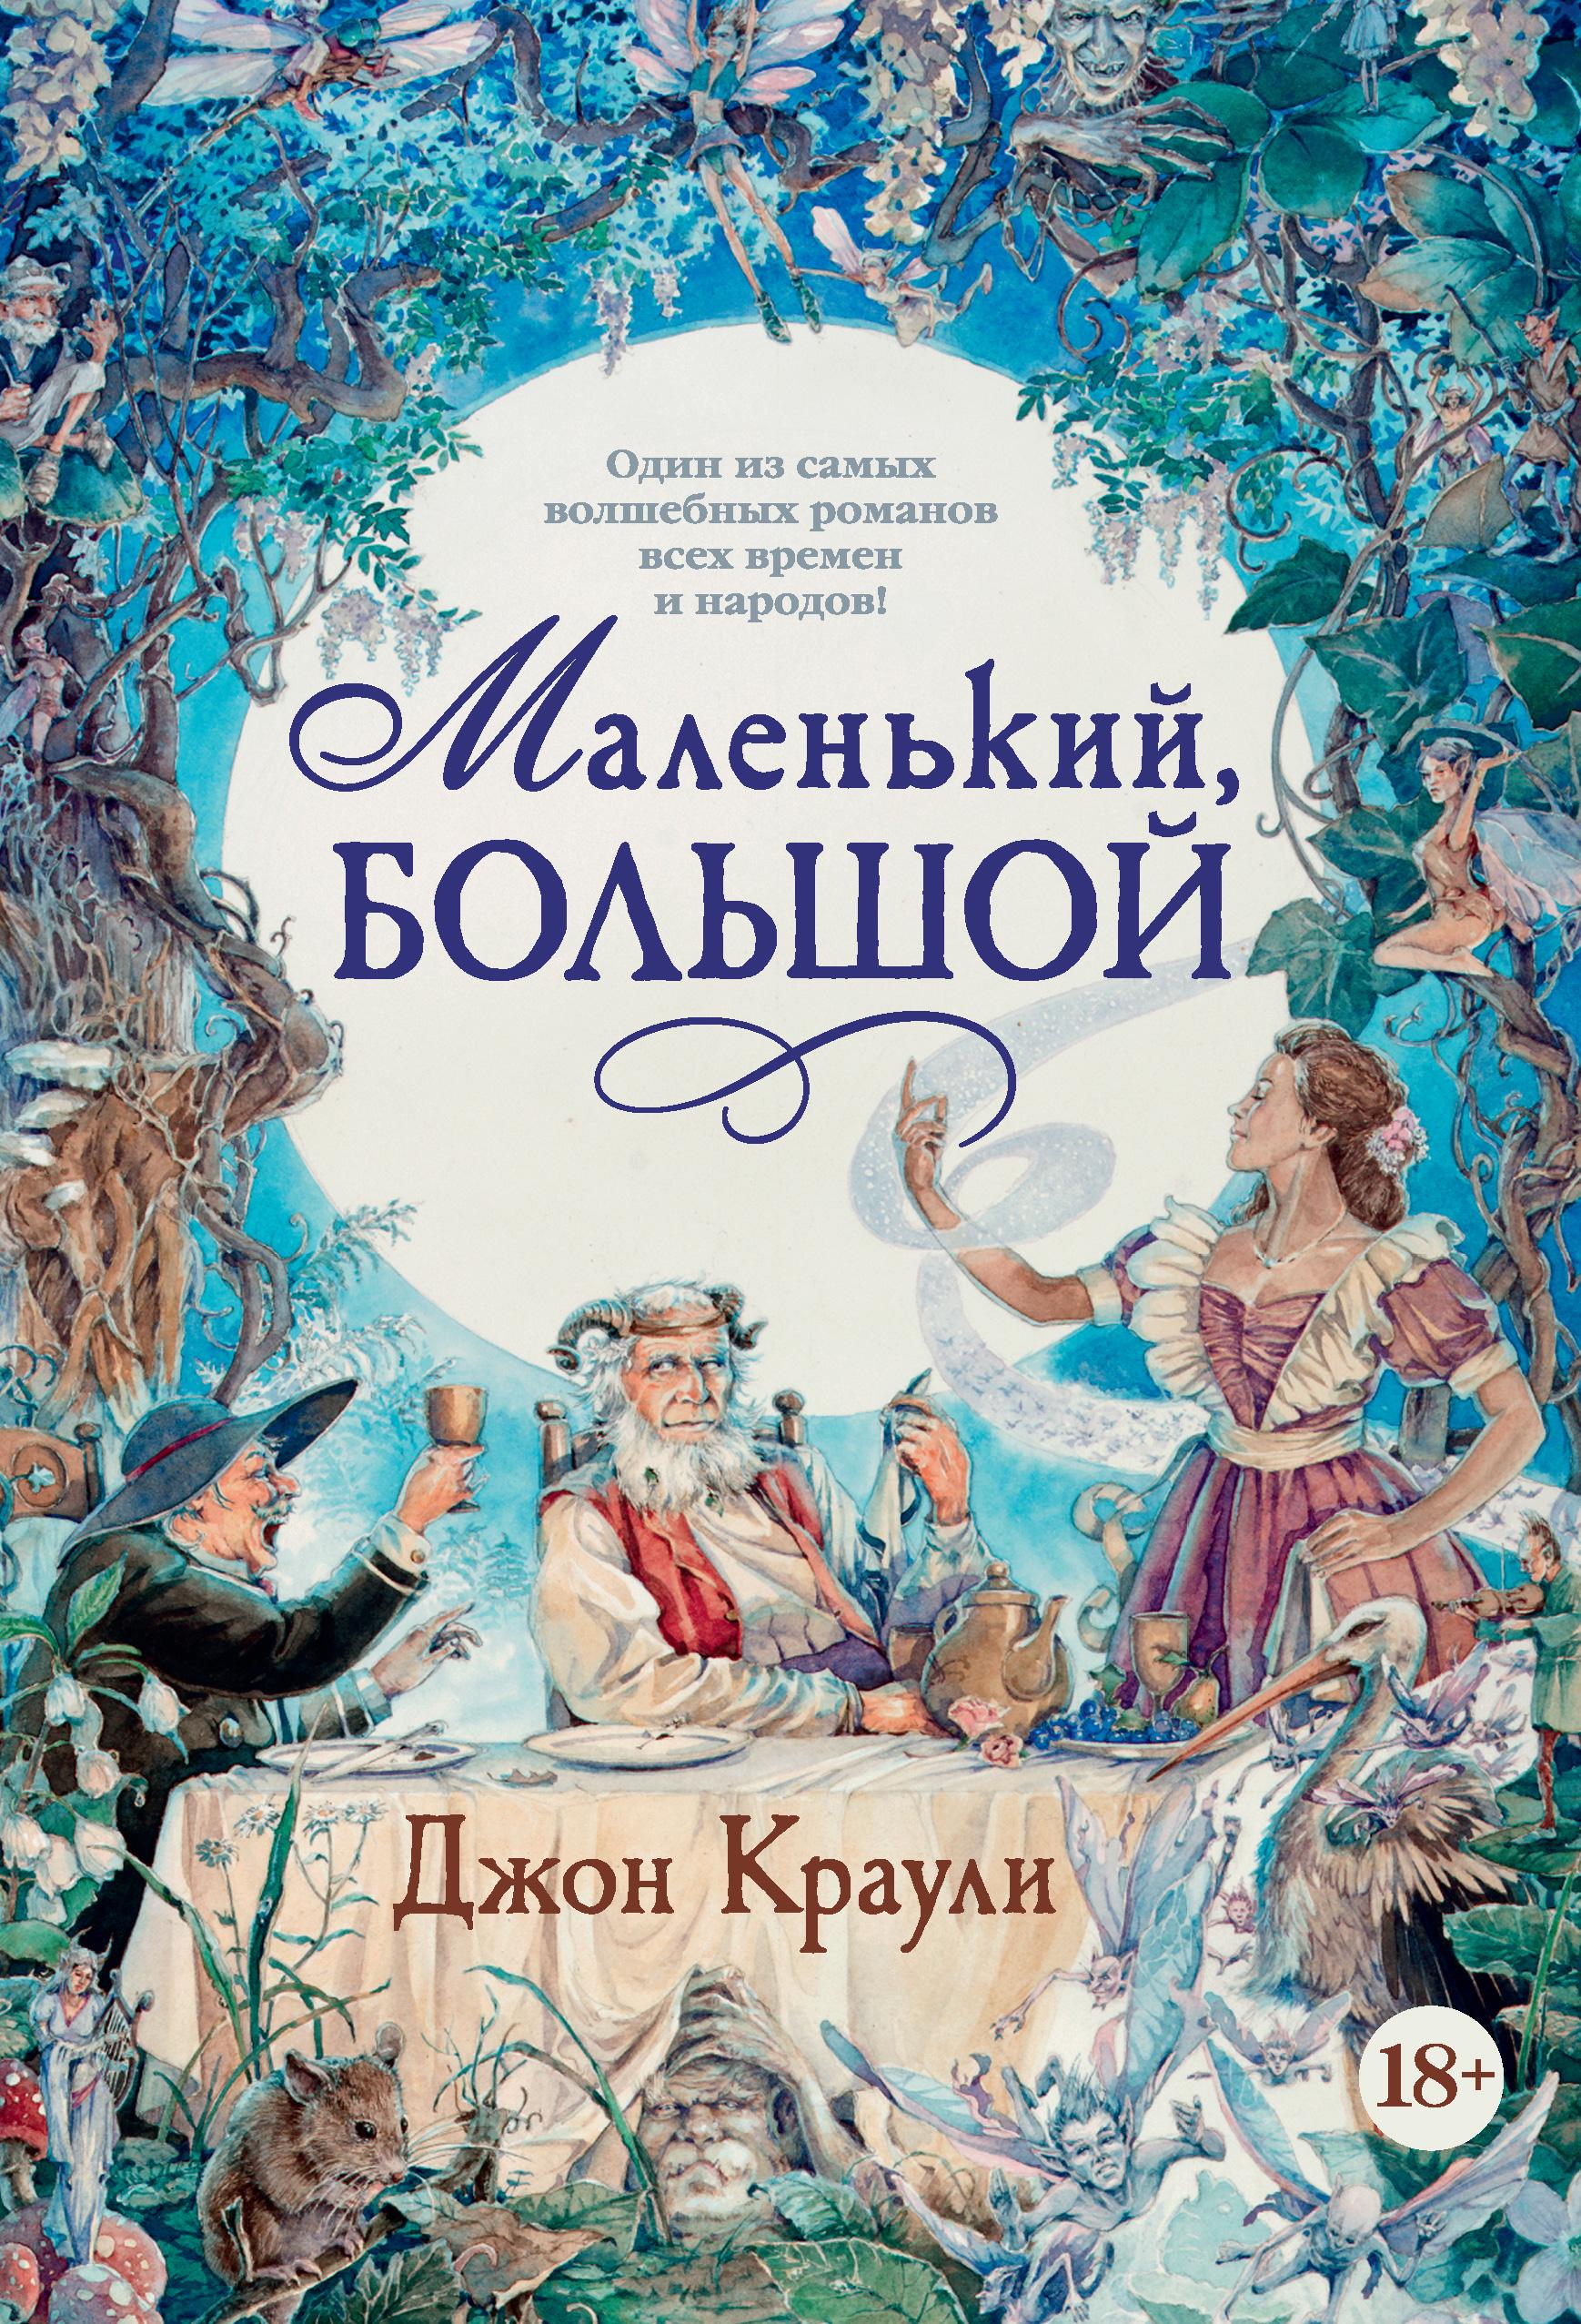 10 одиночных фэнтези-книг, вкоторых магия переплетается среальностью 9